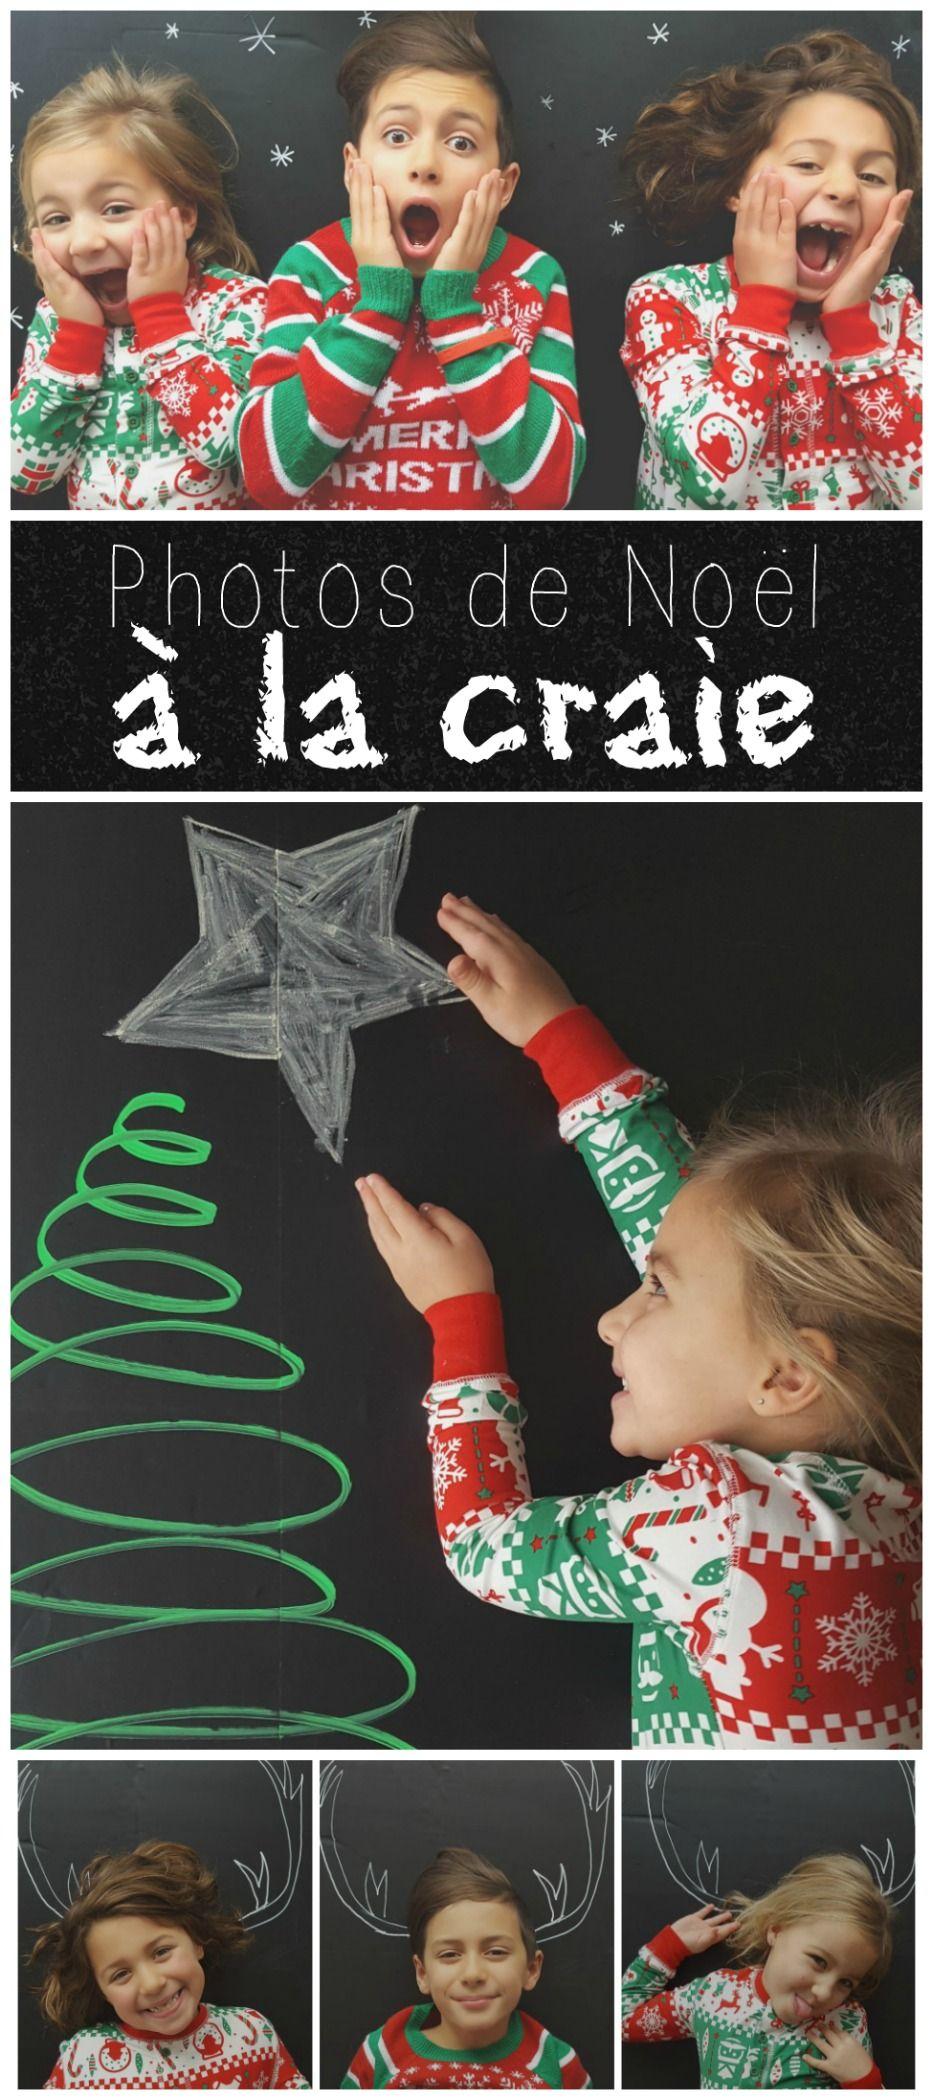 Créez de belles photos de famille pour Noël avec une ardoise adhésive et quelques craies! #photography #chalkboard #christmas #noel #familypictures